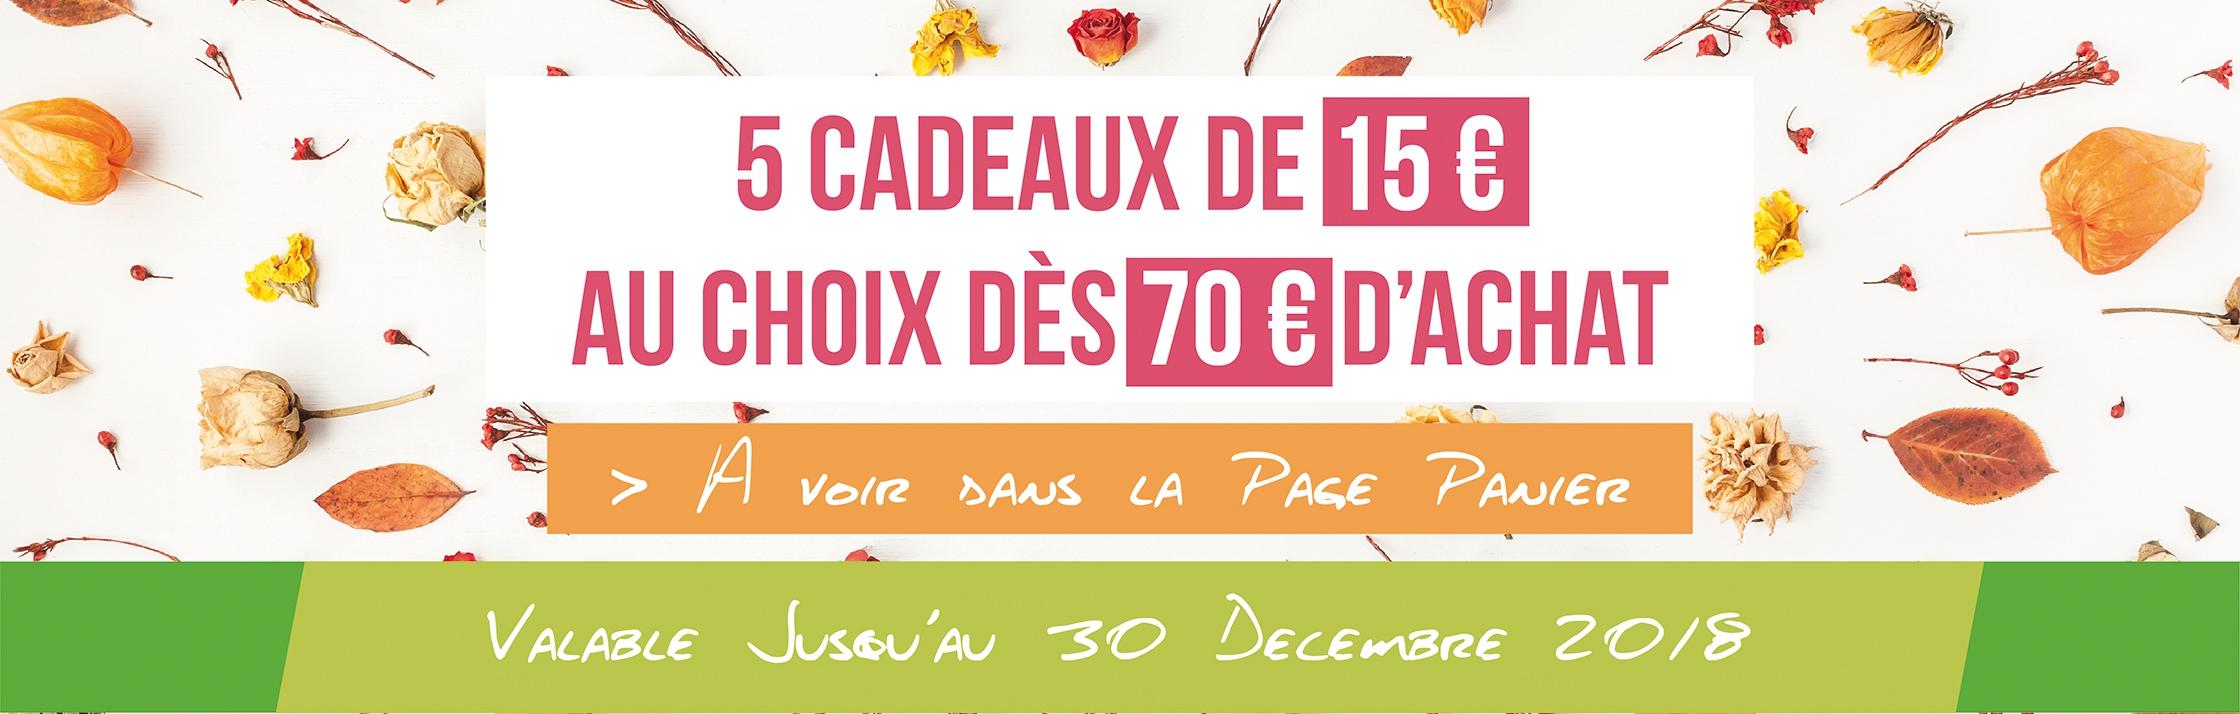 CADEAU DE 15 € DES 70 € D'ACHAT